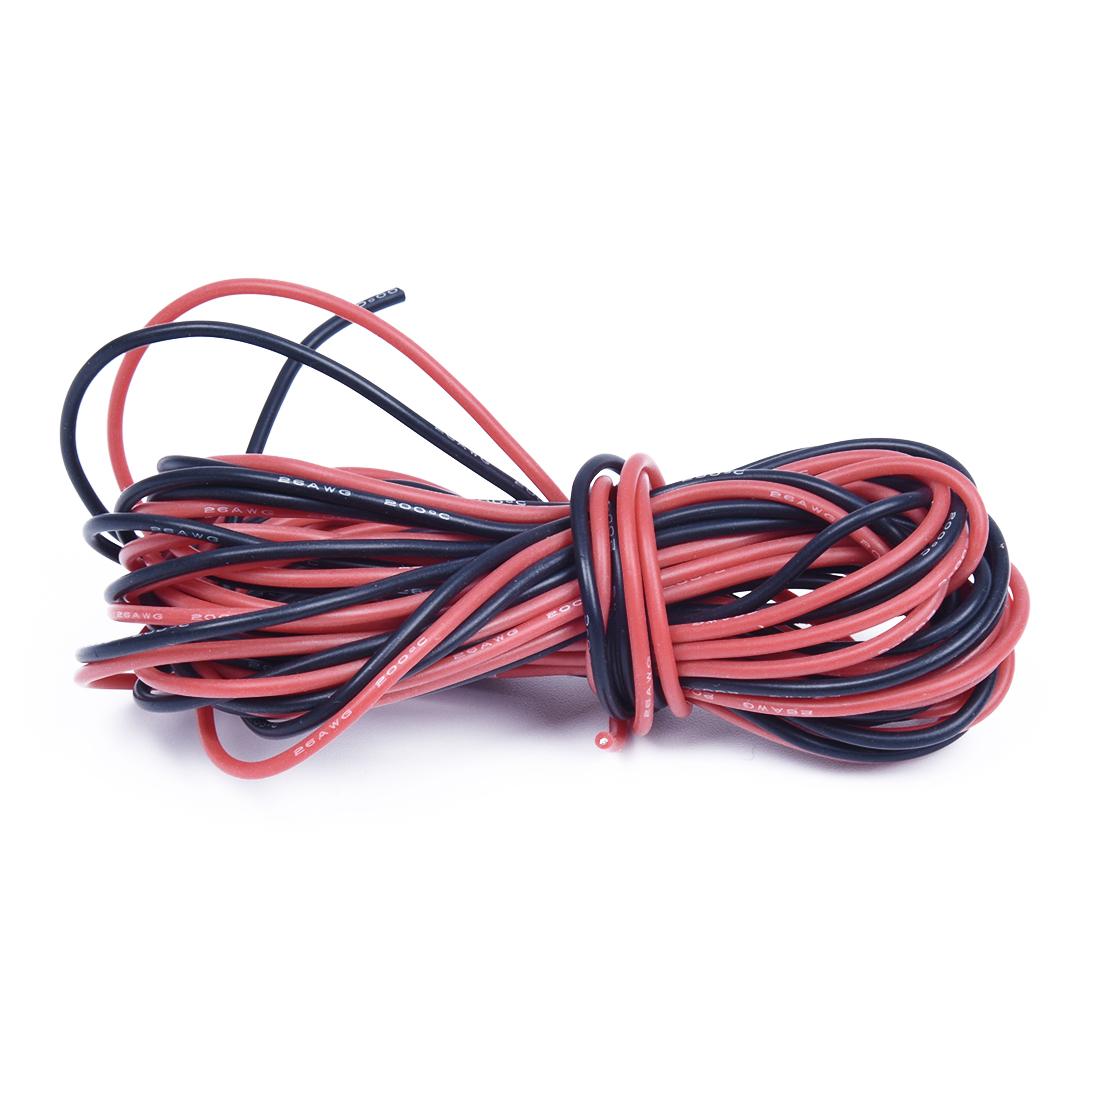 2 x 3M 26 Gauge AWG Silikon-Gummi-Draht-Kabel Rot Schwarz Flexibel ...